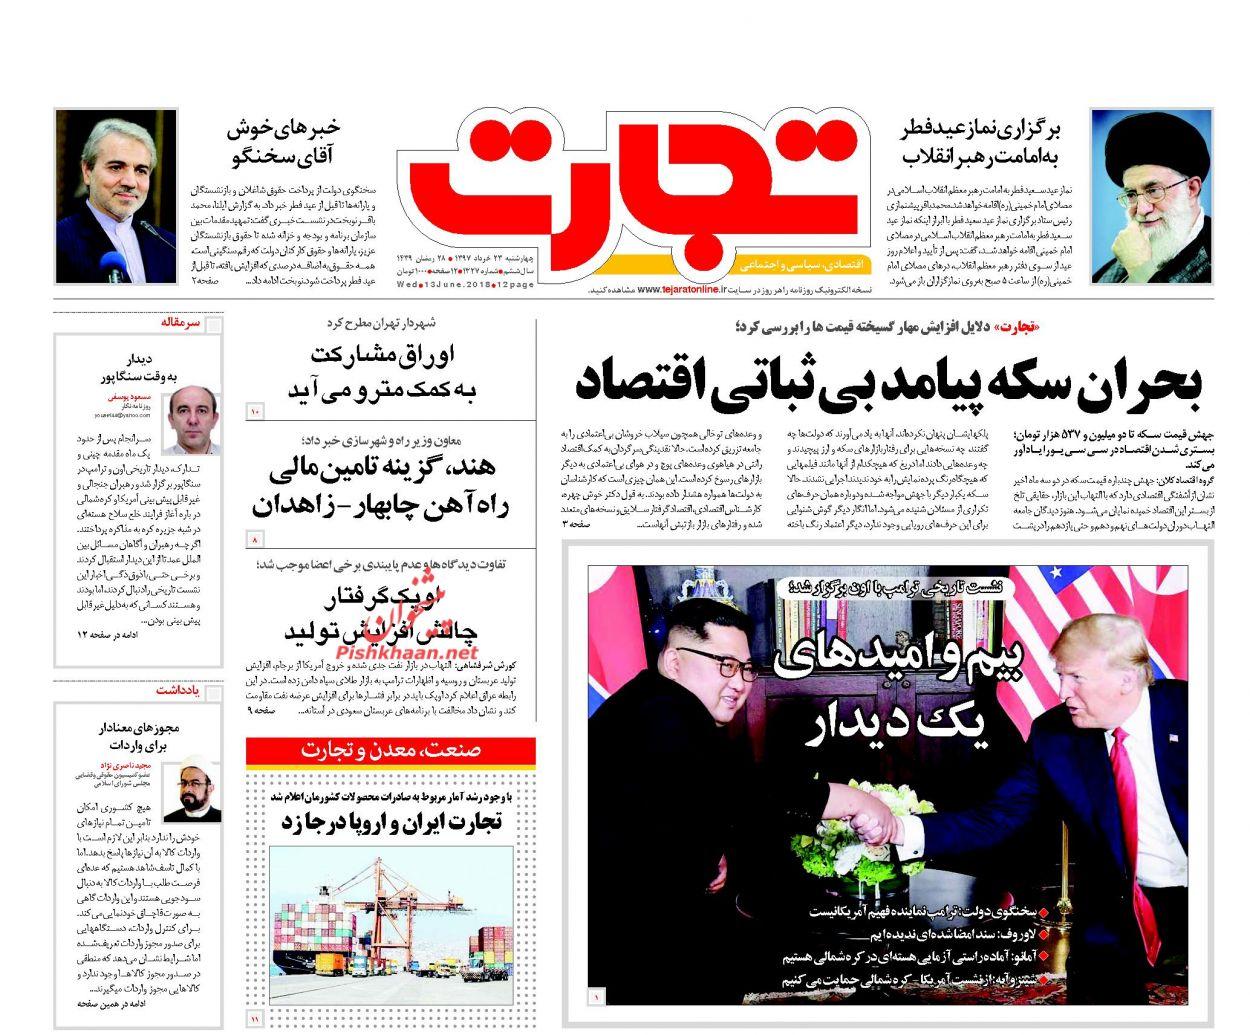 صفحه نخست روزنامه های اقتصادی 23 خردادماه  گرانیهای سرسام آور مردم را شوکه کرده است/ پیشخوان 8152138 151